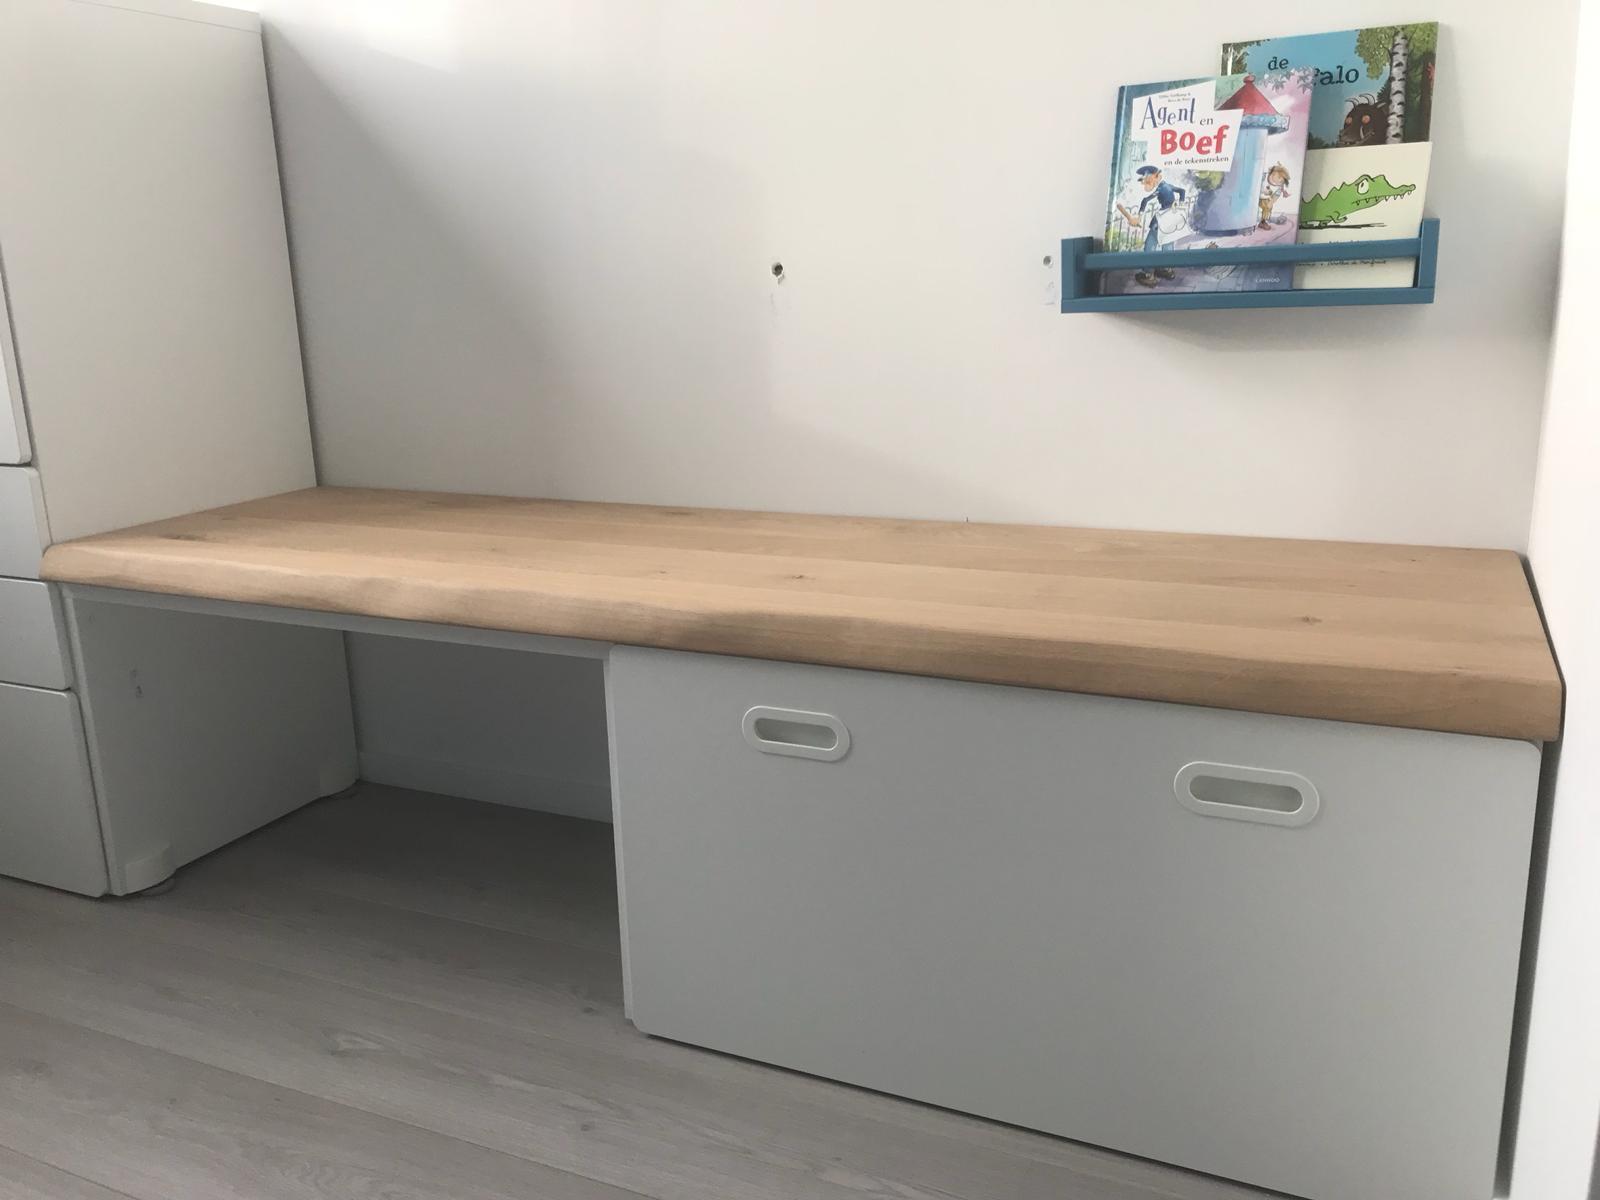 Stuva plank IKEA hack